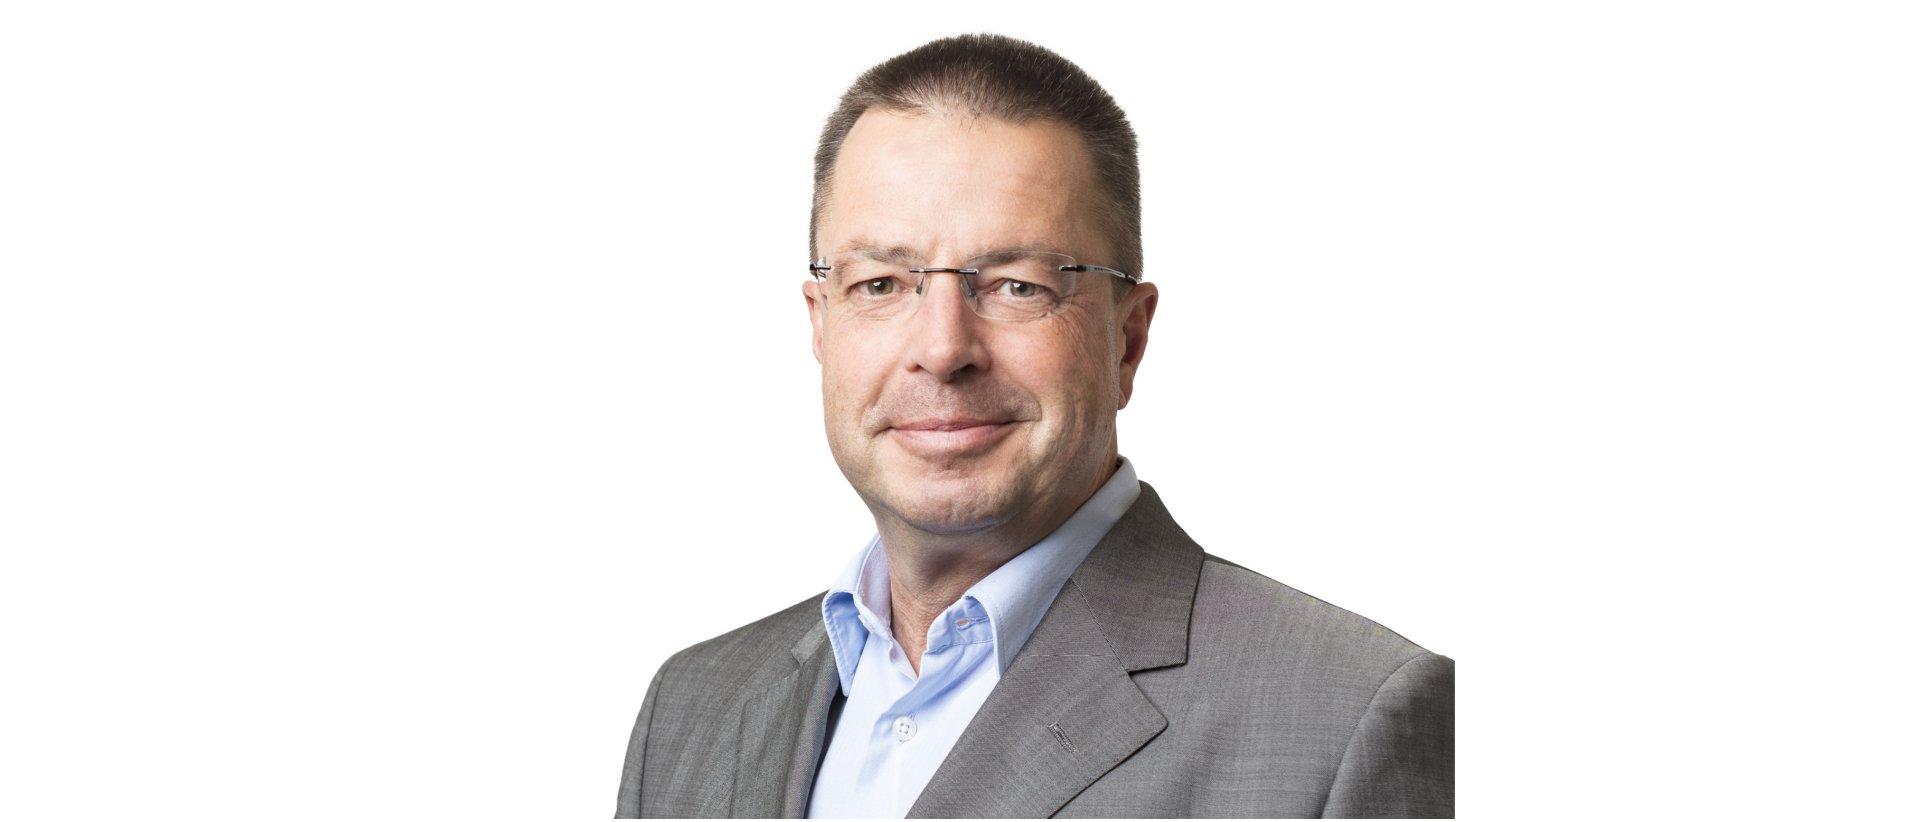 Matthias C.E. Preiswerk